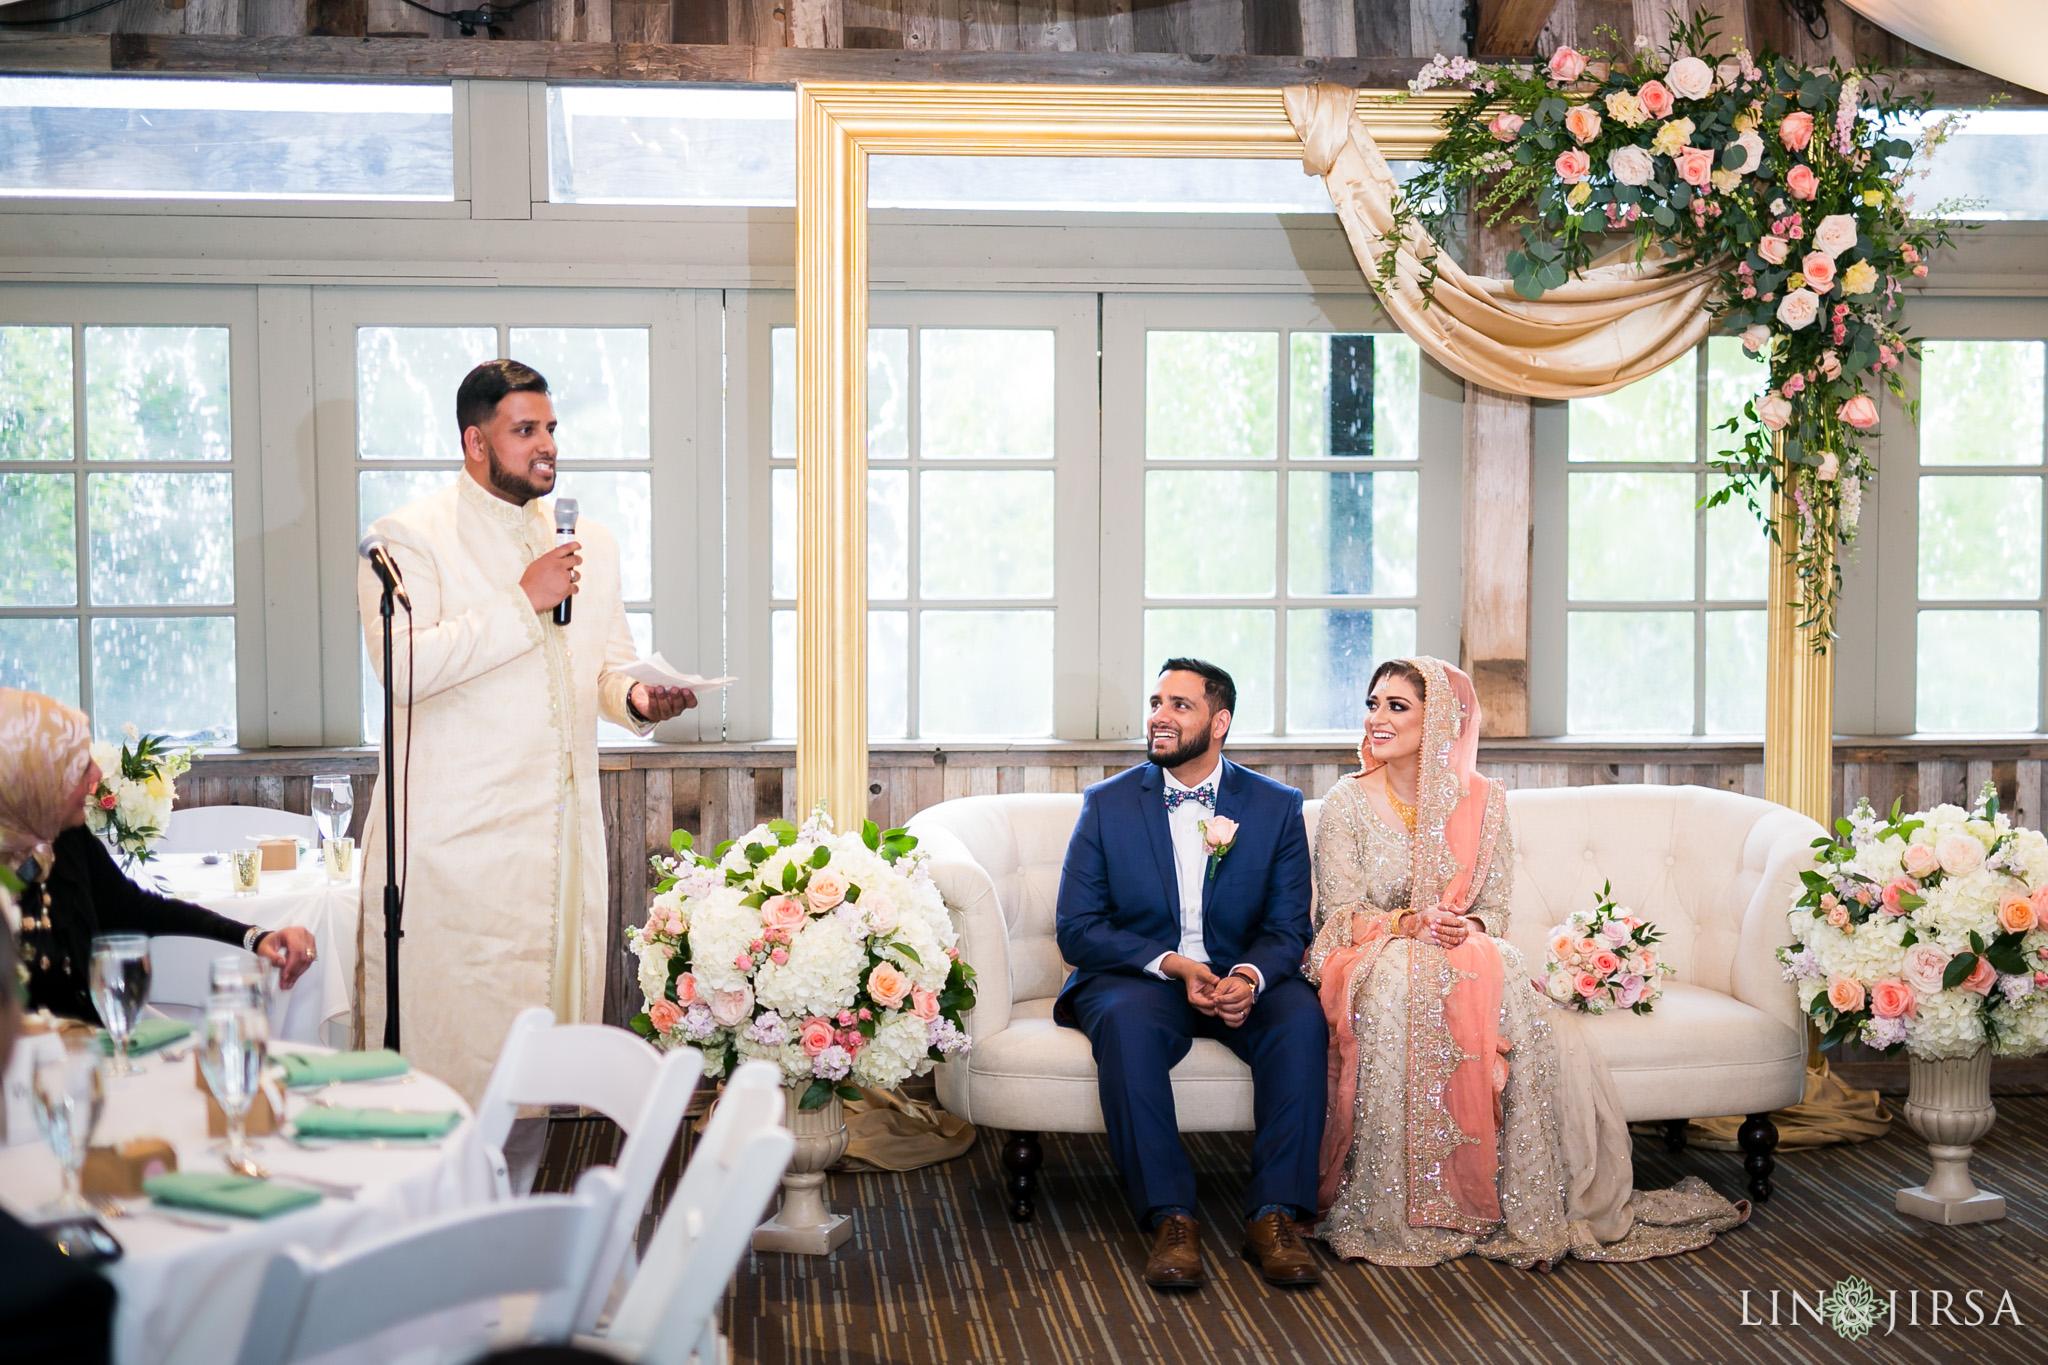 18-calamigos-ranch-muslim-wedding-photography